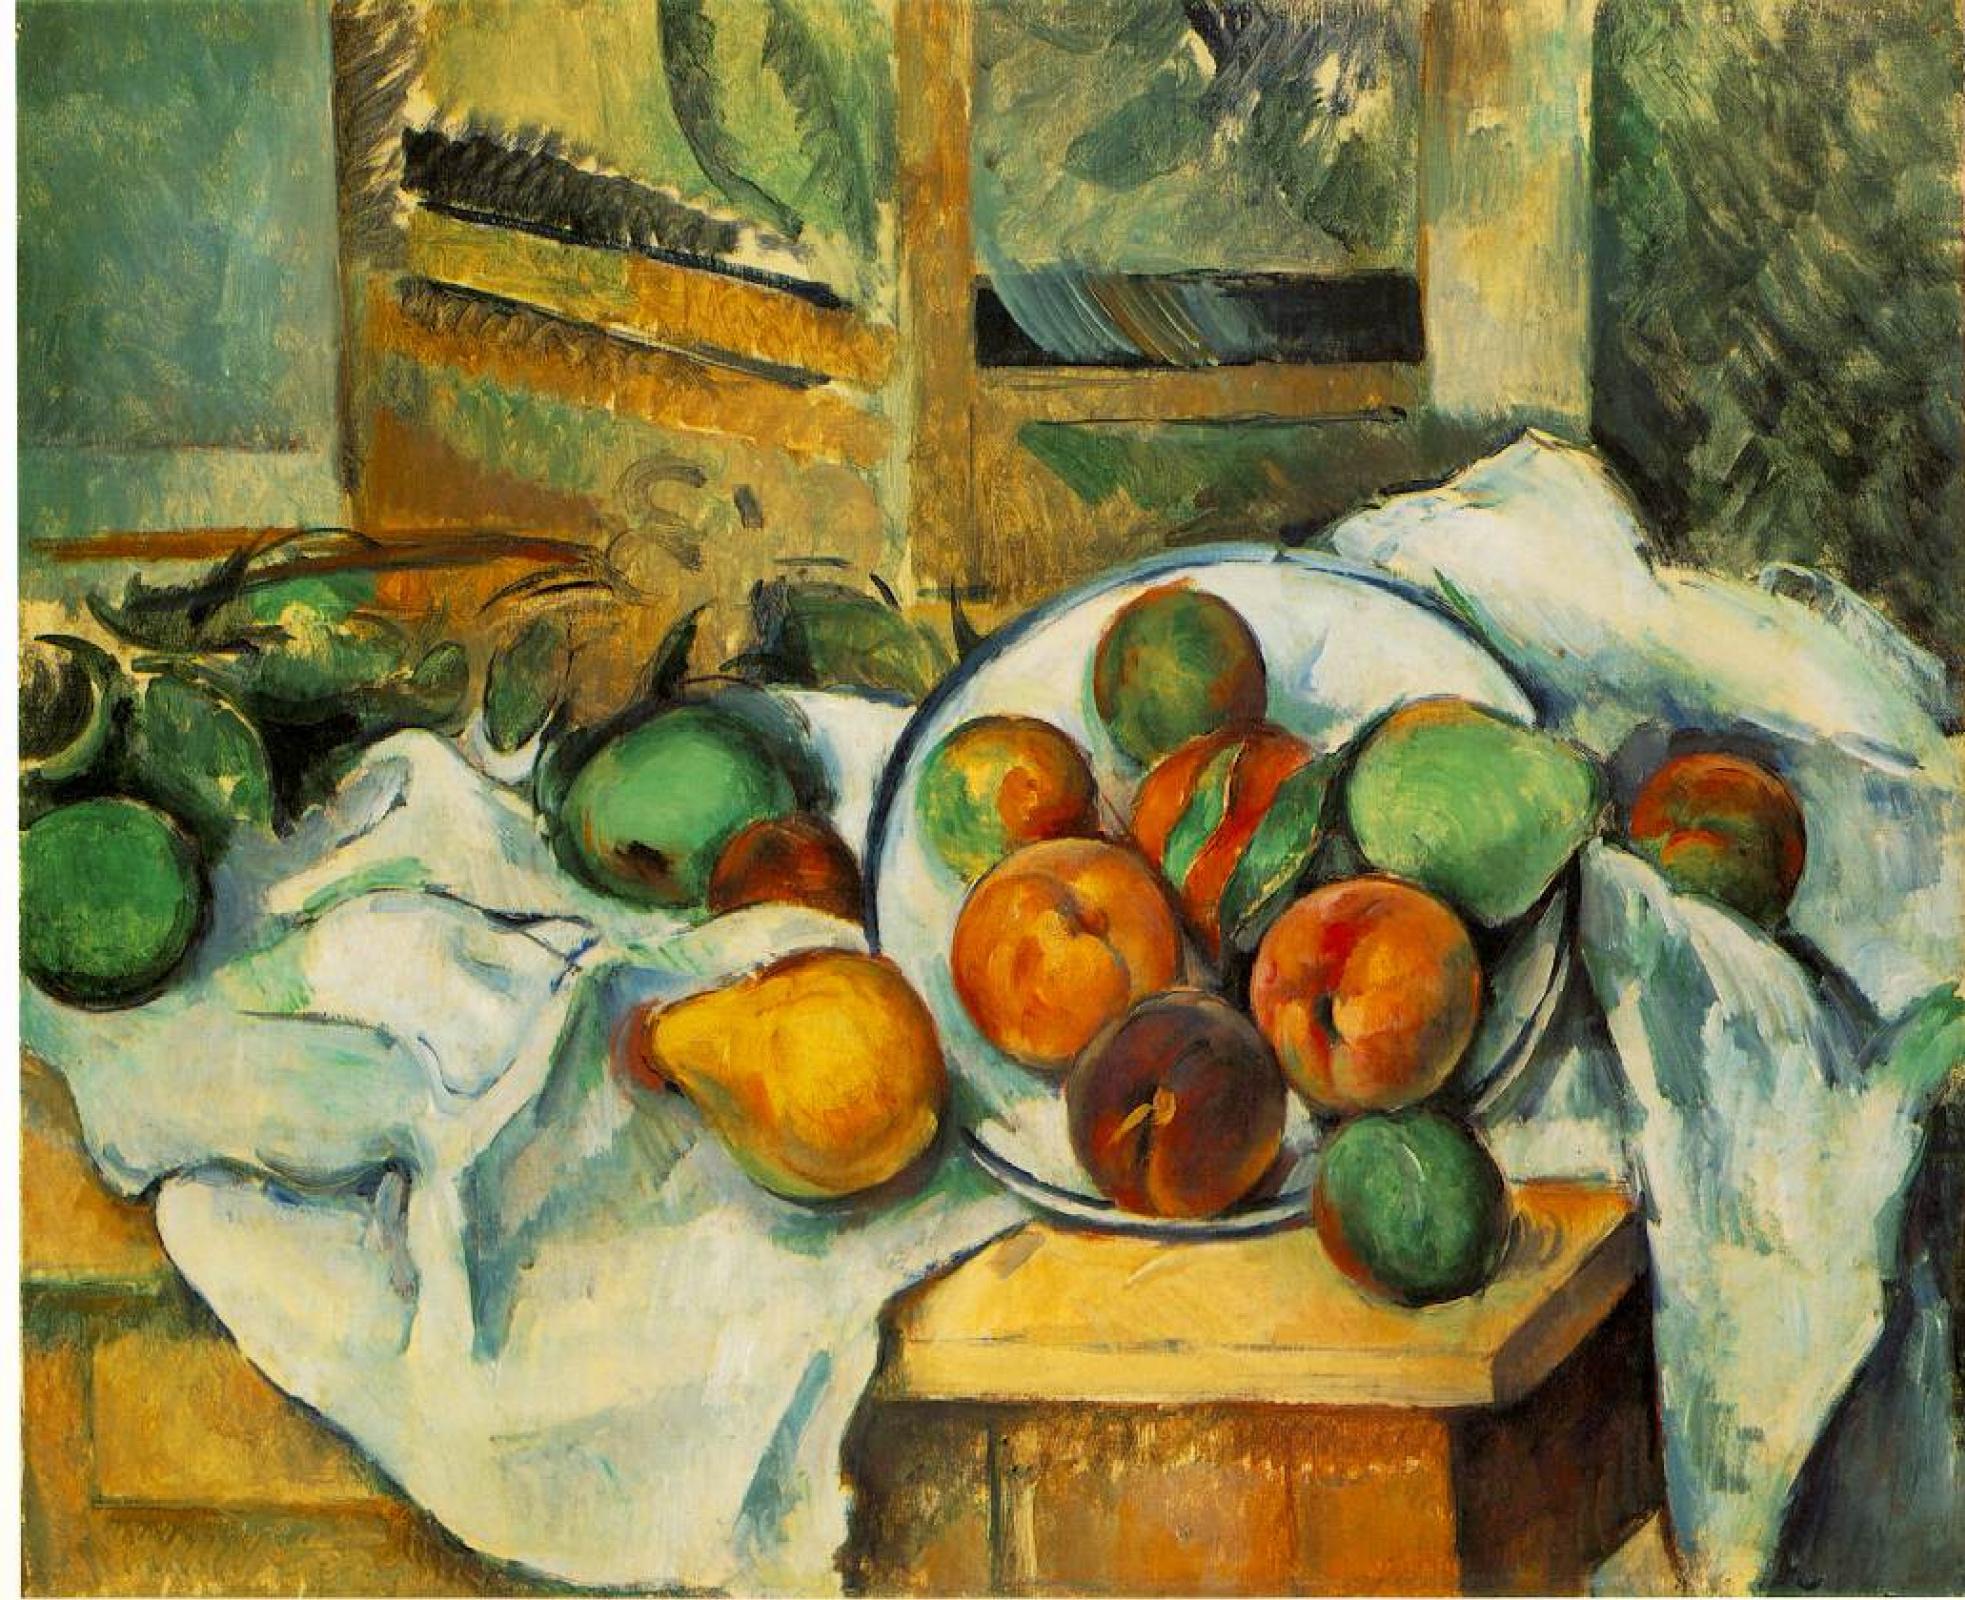 Поль Сезанн. Скатерть и фрукты